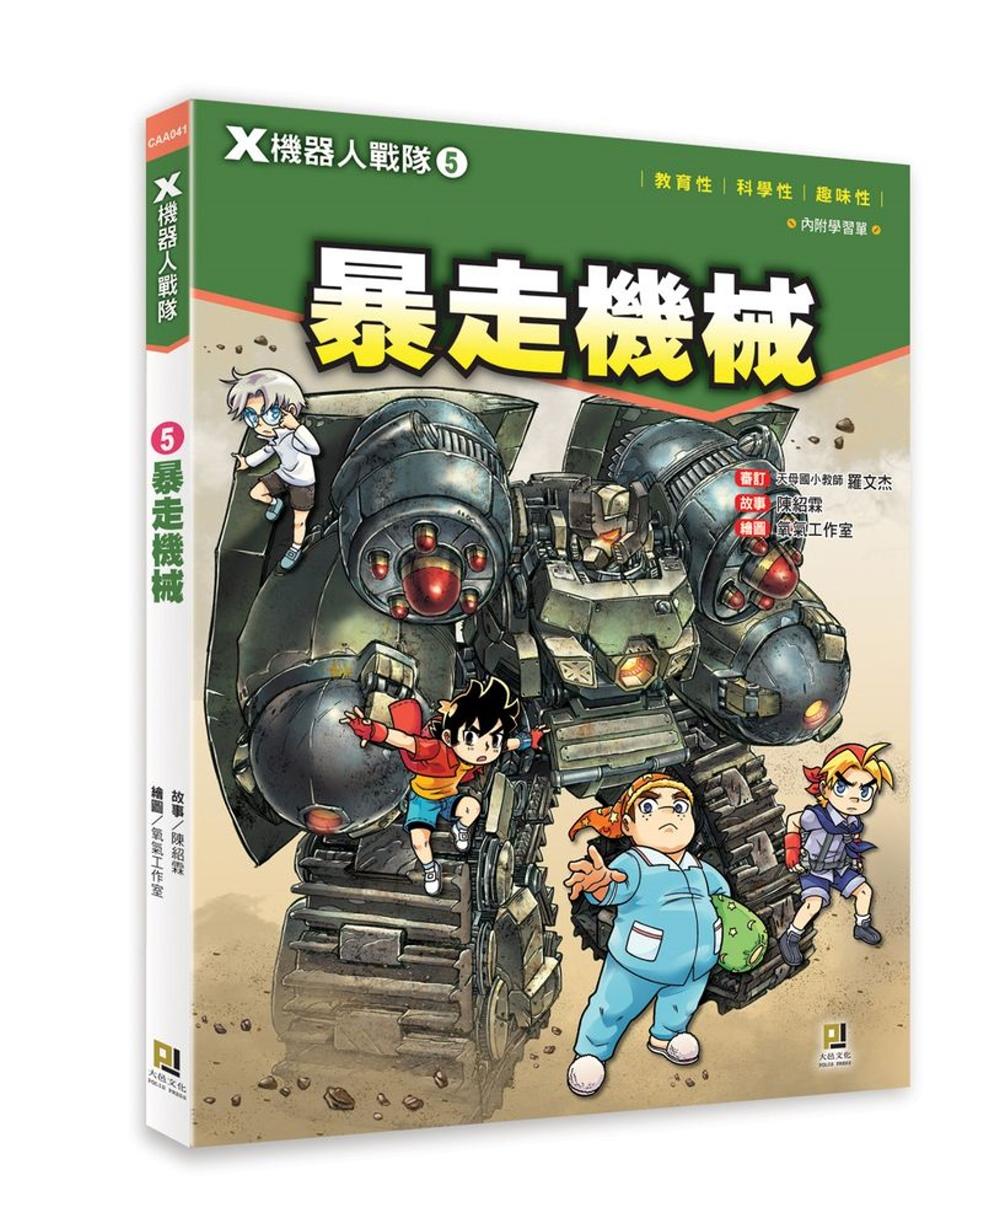 X機器人戰隊5暴走機械(附學習單)